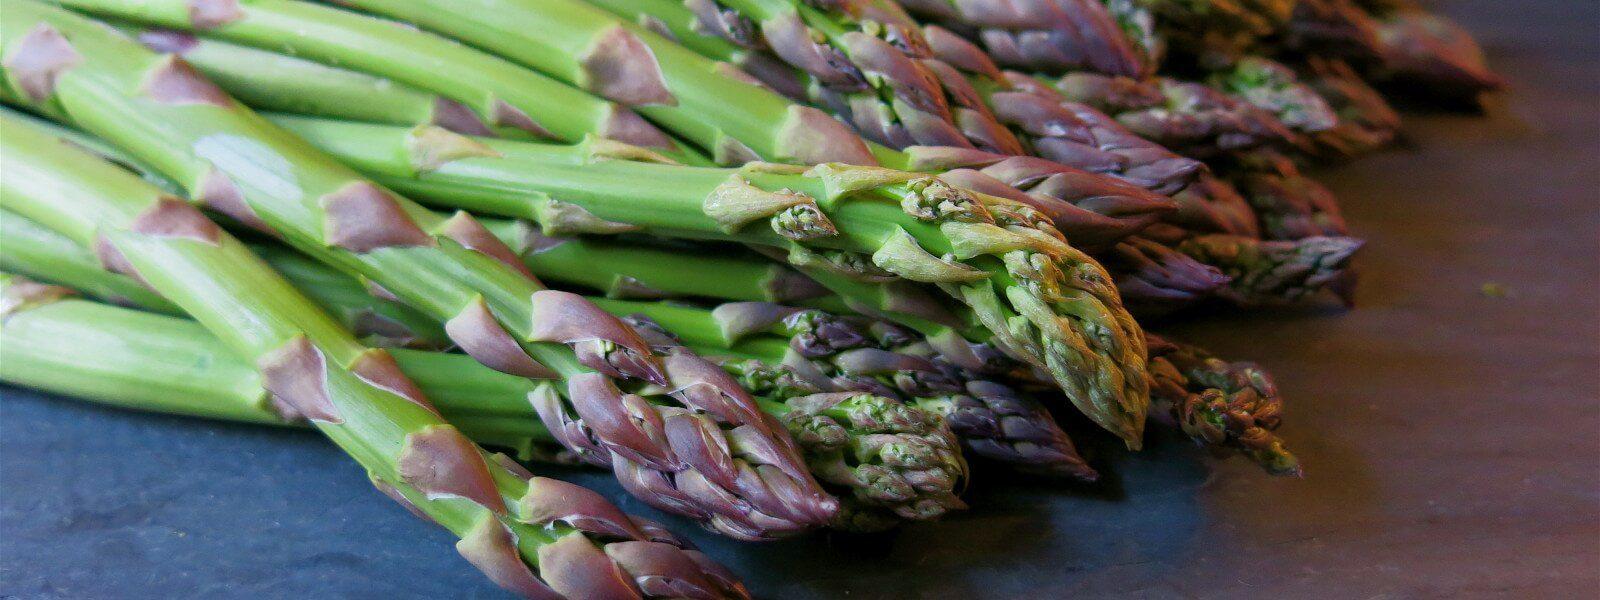 Asparagus spears.